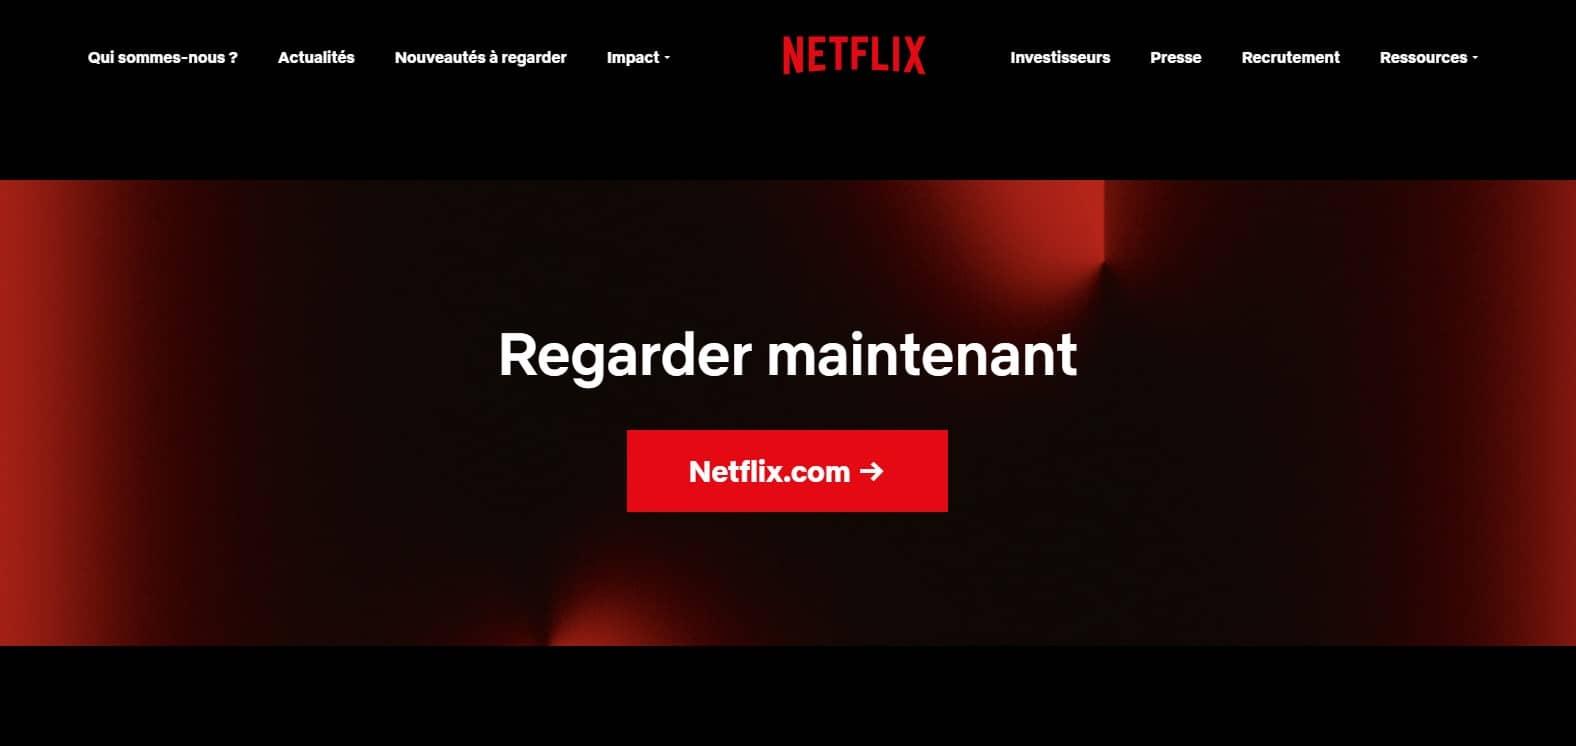 Portail Netflix films et séries en streaming